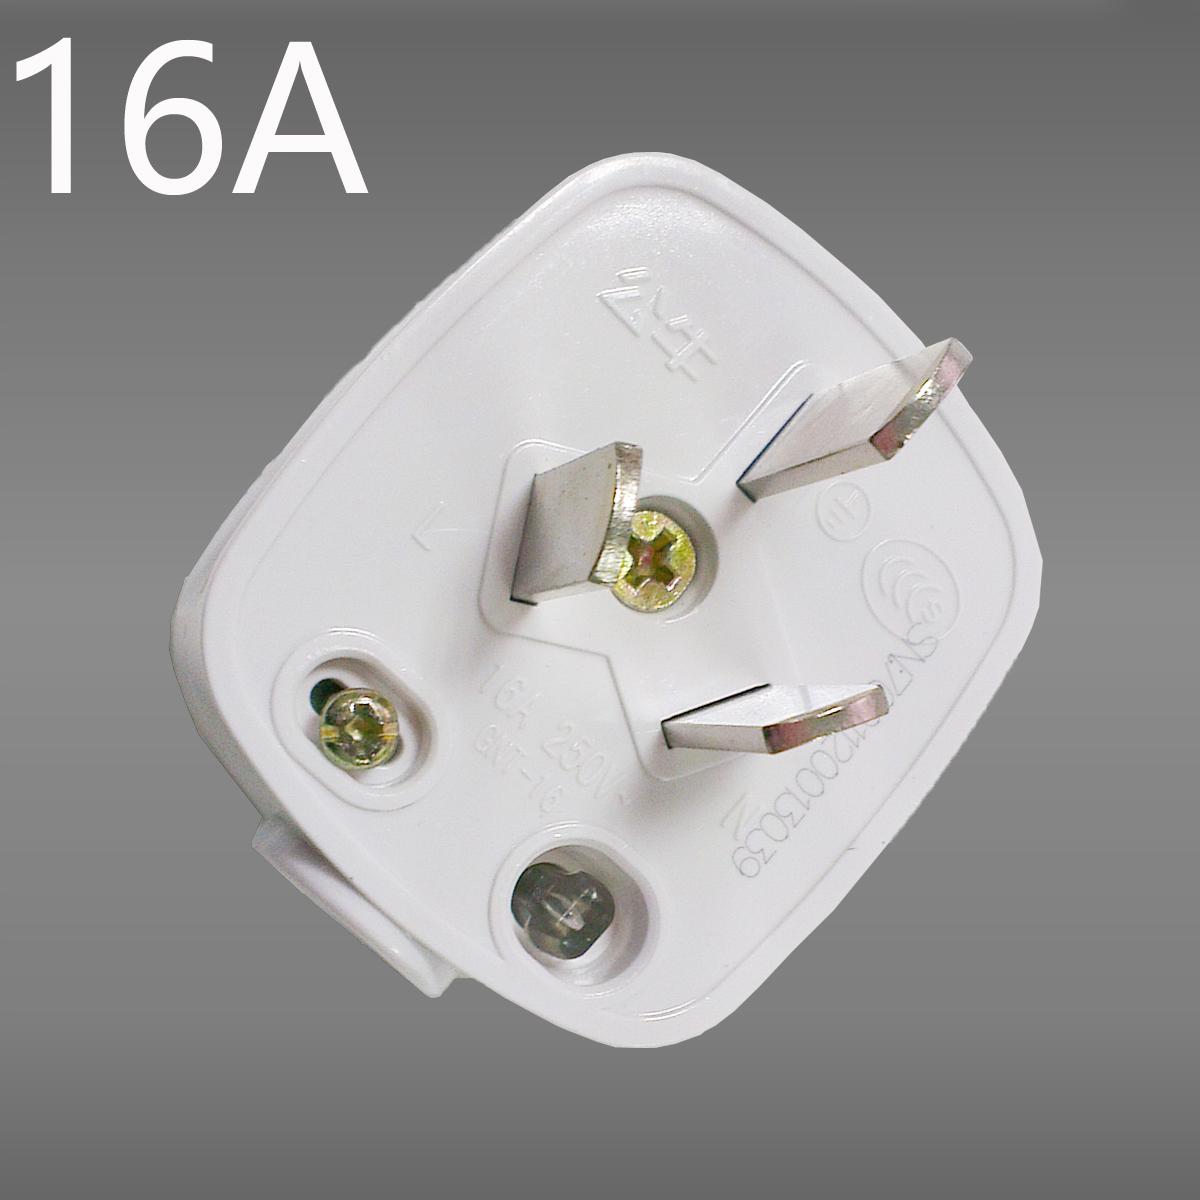 公牛插頭GNT-16三腳三眼大功率 16A插頭空調熱水器電油汀4000瓦用